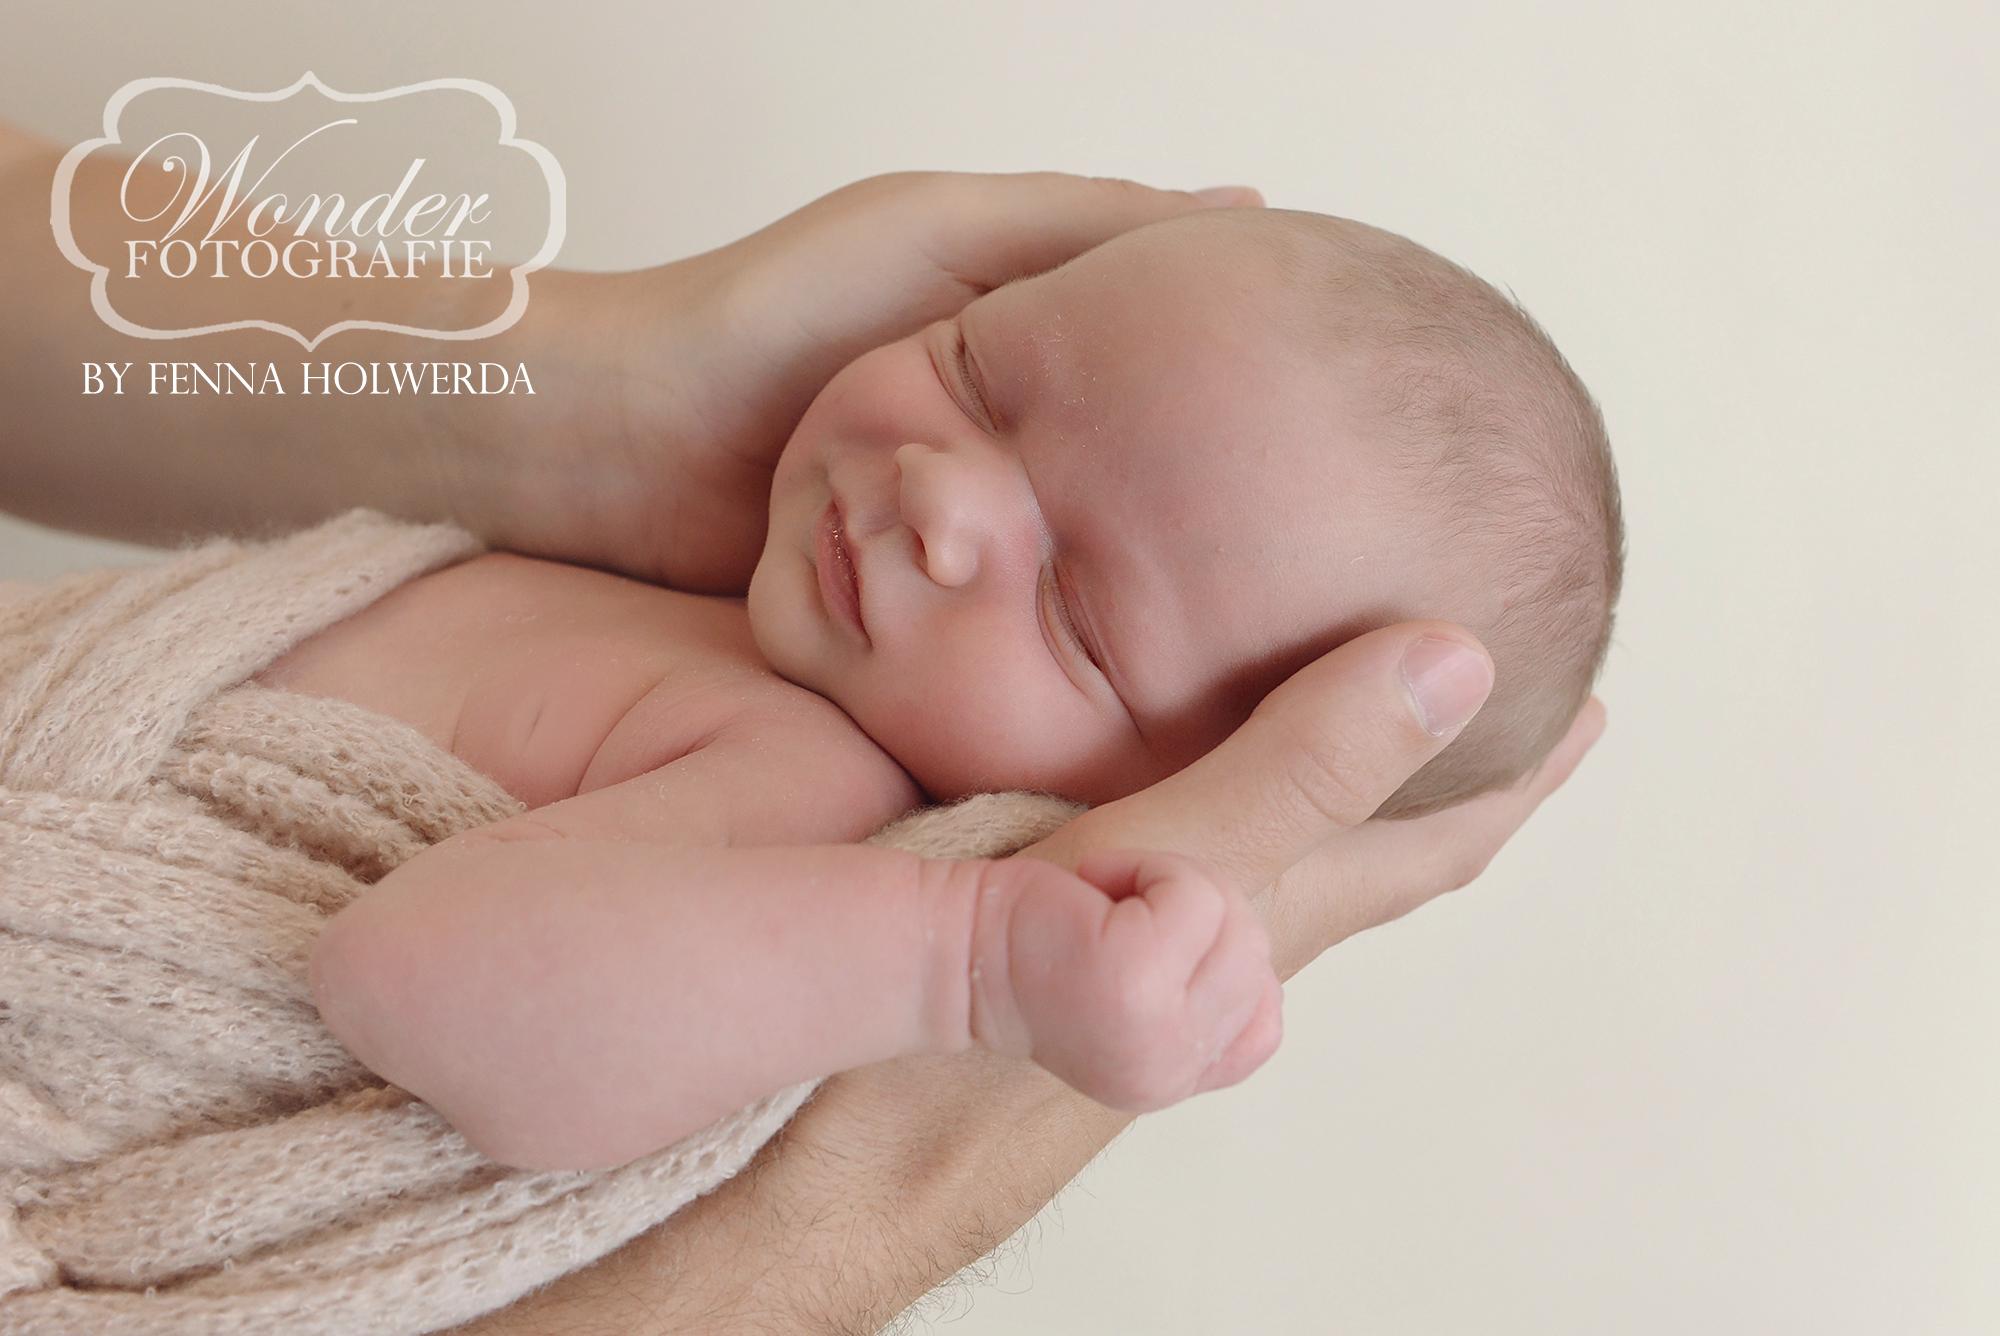 Fine Art Newborn Fotoshoot Fotografe Fenna Holwerda Fotoshoot Wonder Fotografie